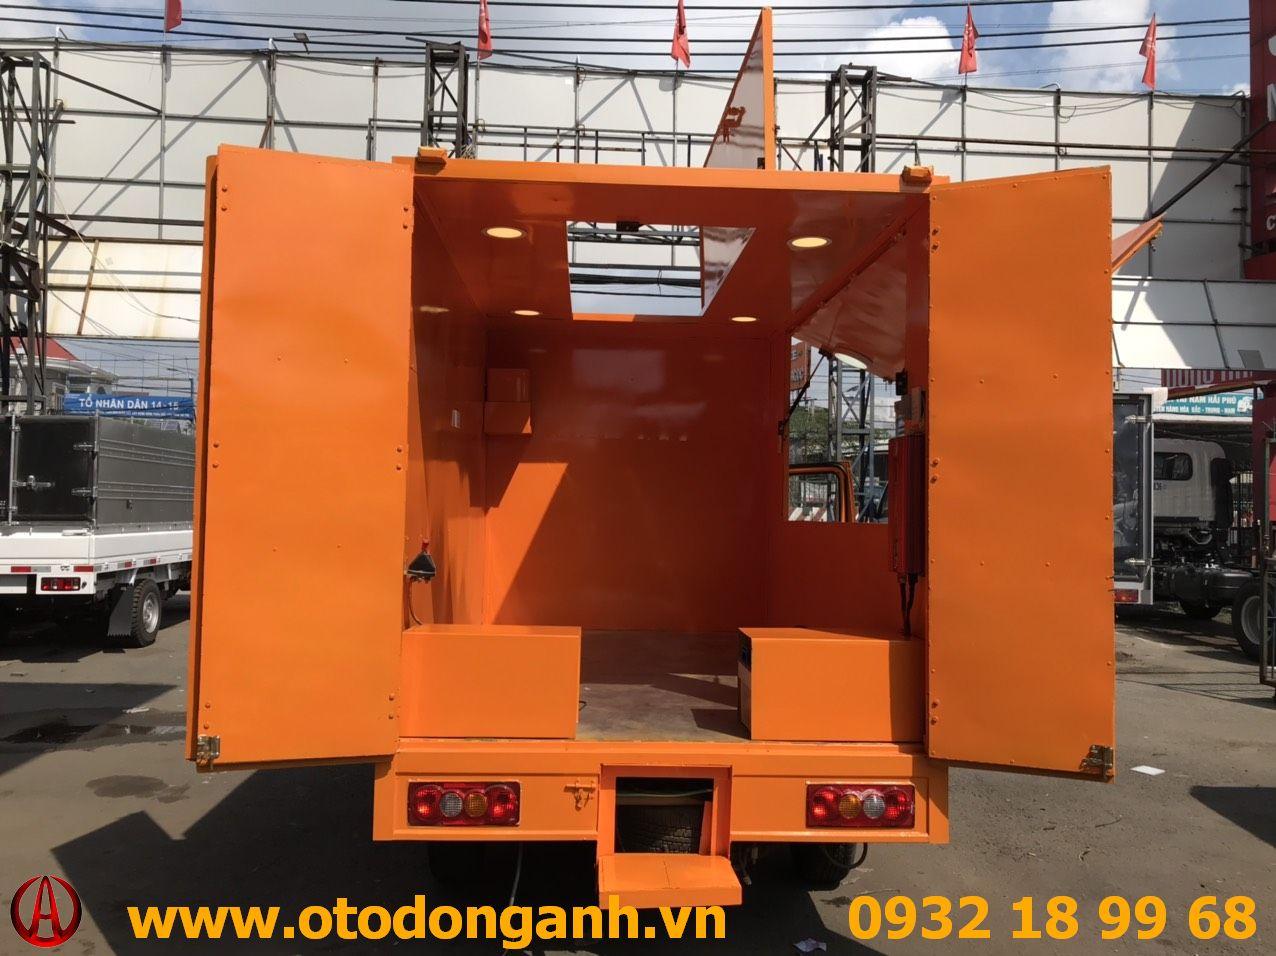 DongBen T30 Bán Hàng Lưu Động